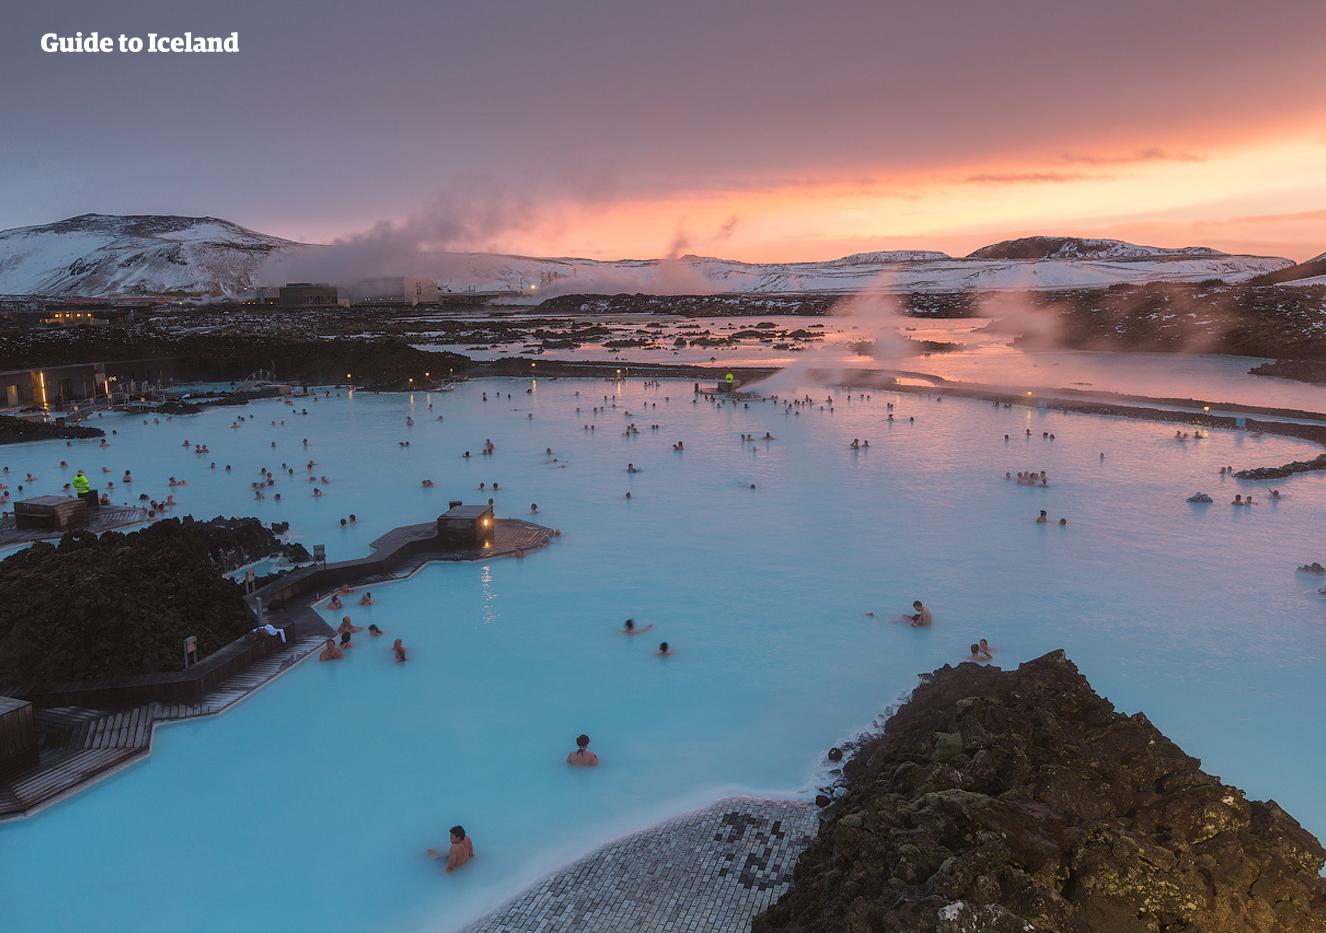 Koppla av i det varma, azurblå vattnet i Blå lagunen innan du flyger hem.